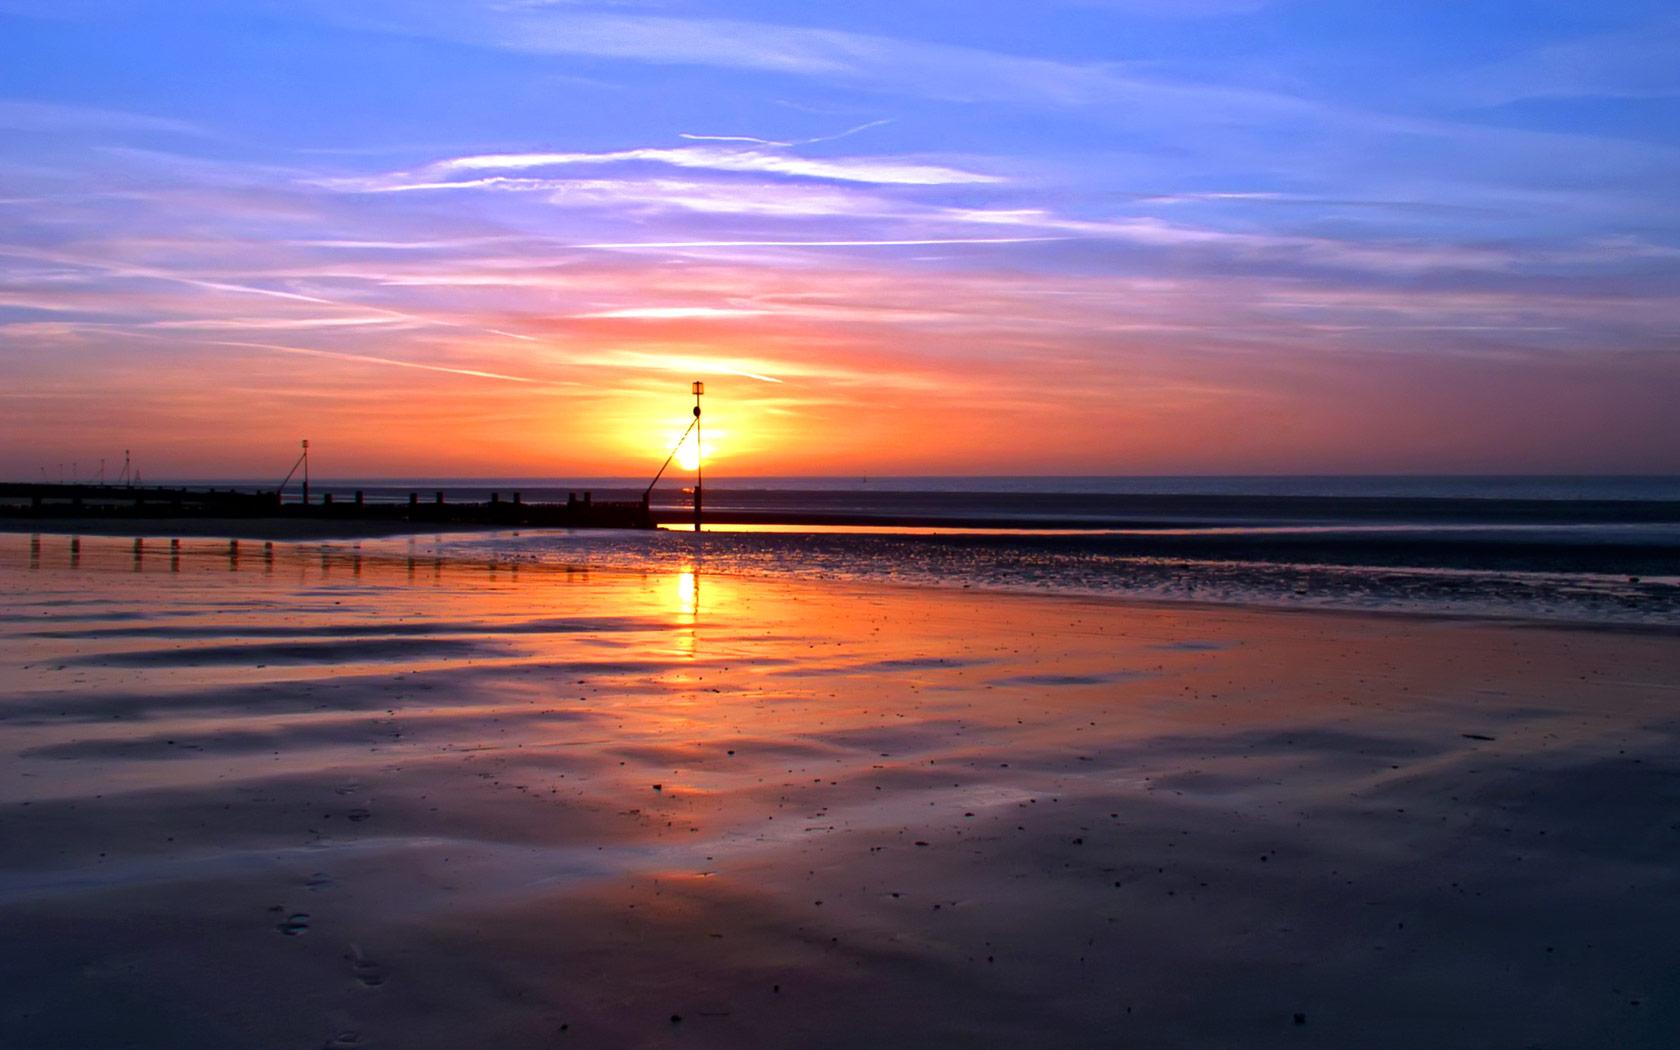 Sunset Beach in Norfolk Desktop Wallpaper 1680x1050